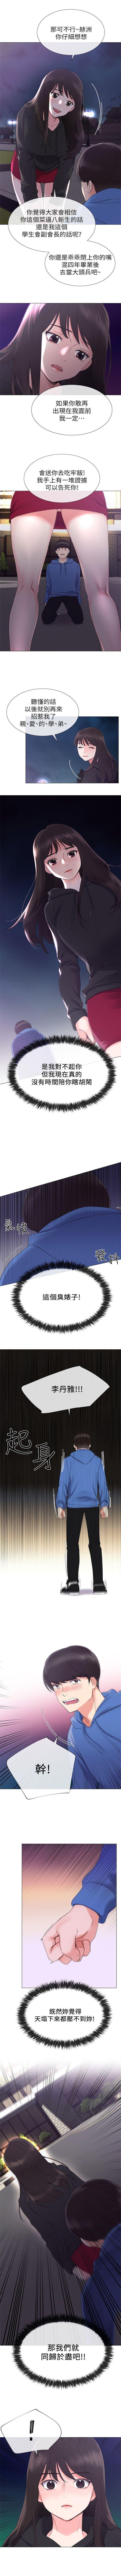 (週5)重考生 1-52 中文翻譯(更新中) 47